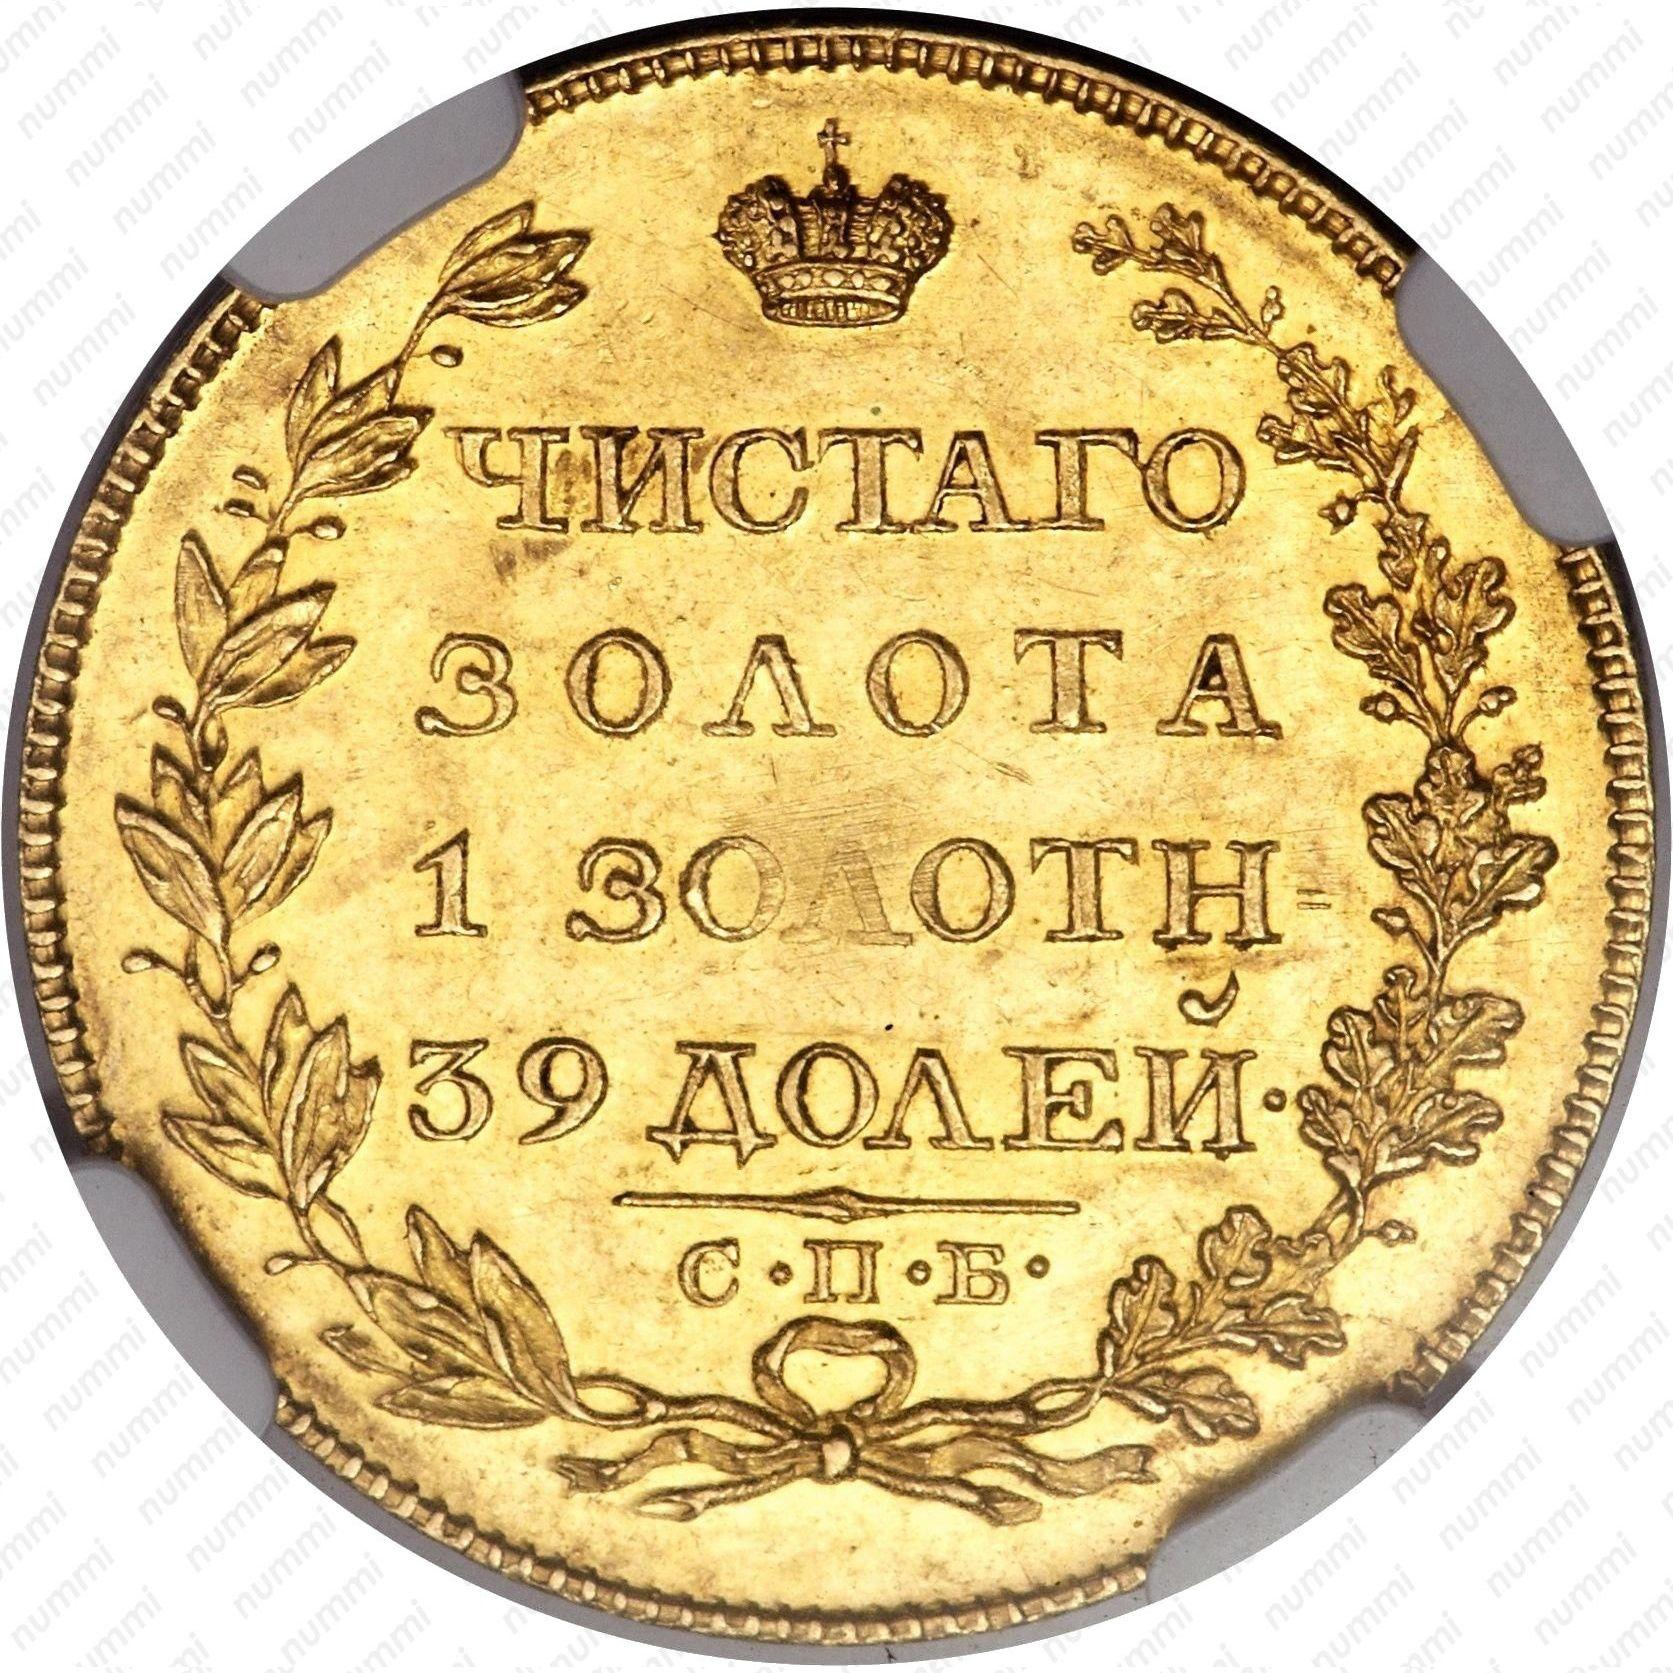 5 рублей 1817, СПБ-ФГ - Реверс ...